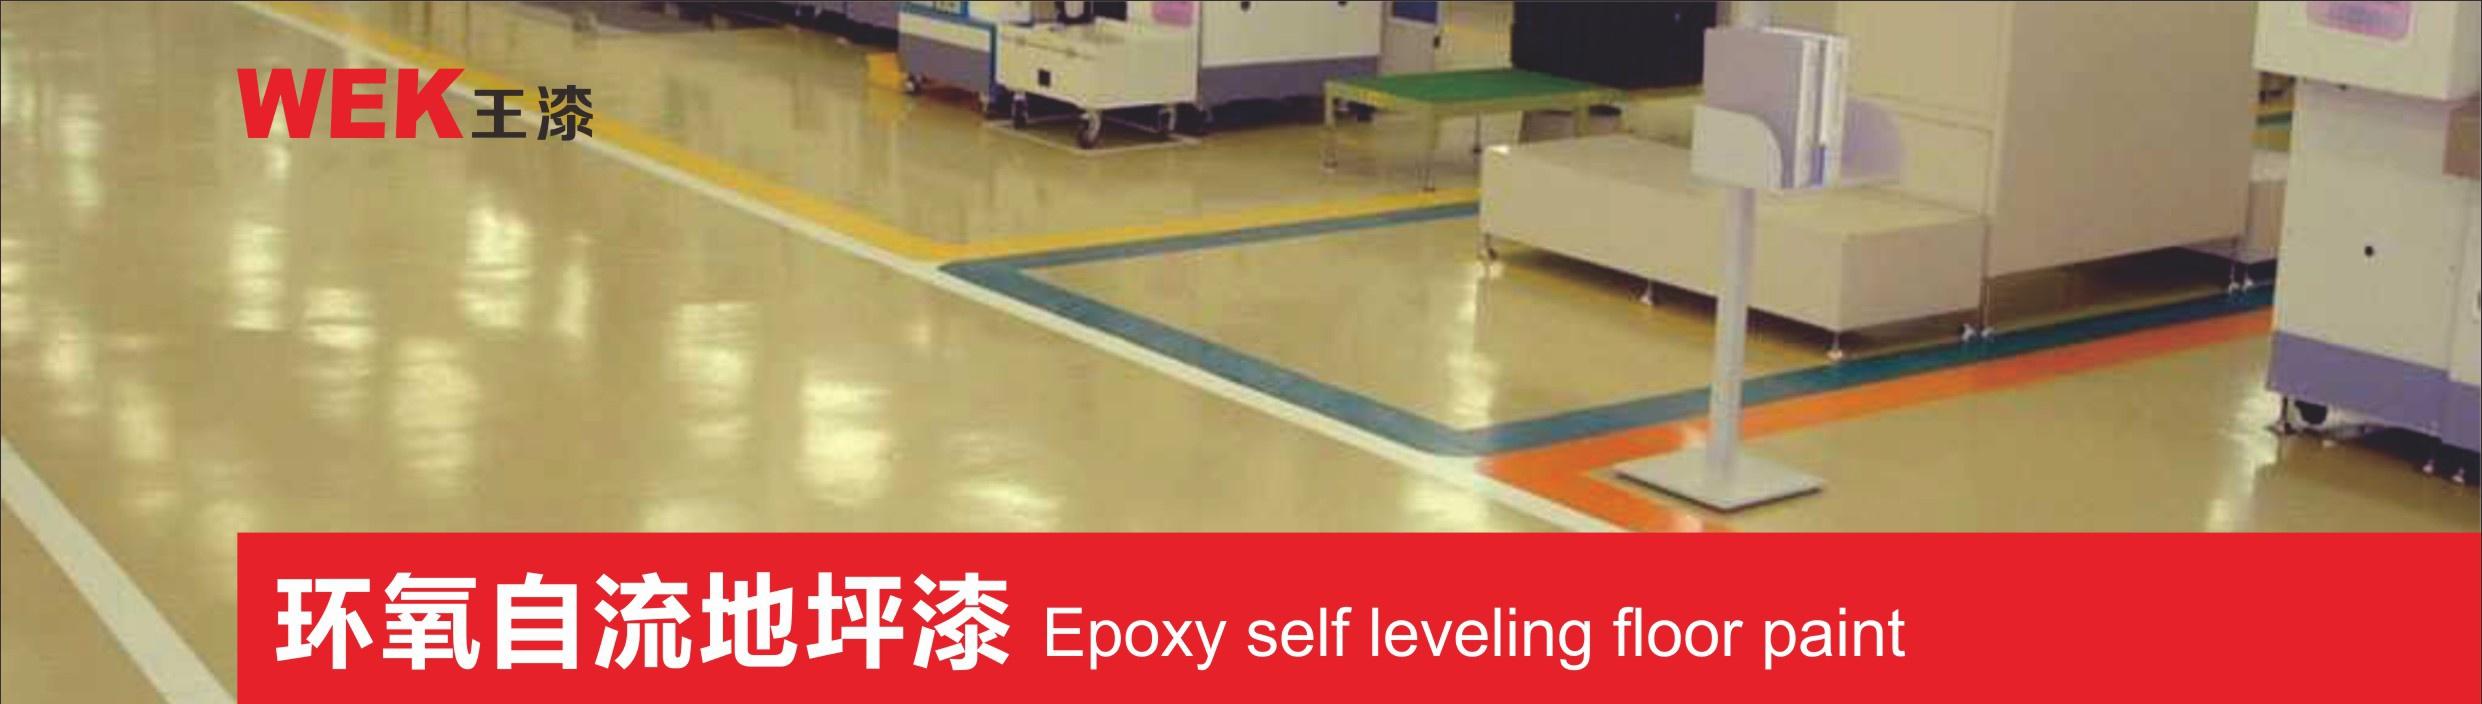 地坪漆之水泥自流平和环氧自流平区维尔康王漆化工